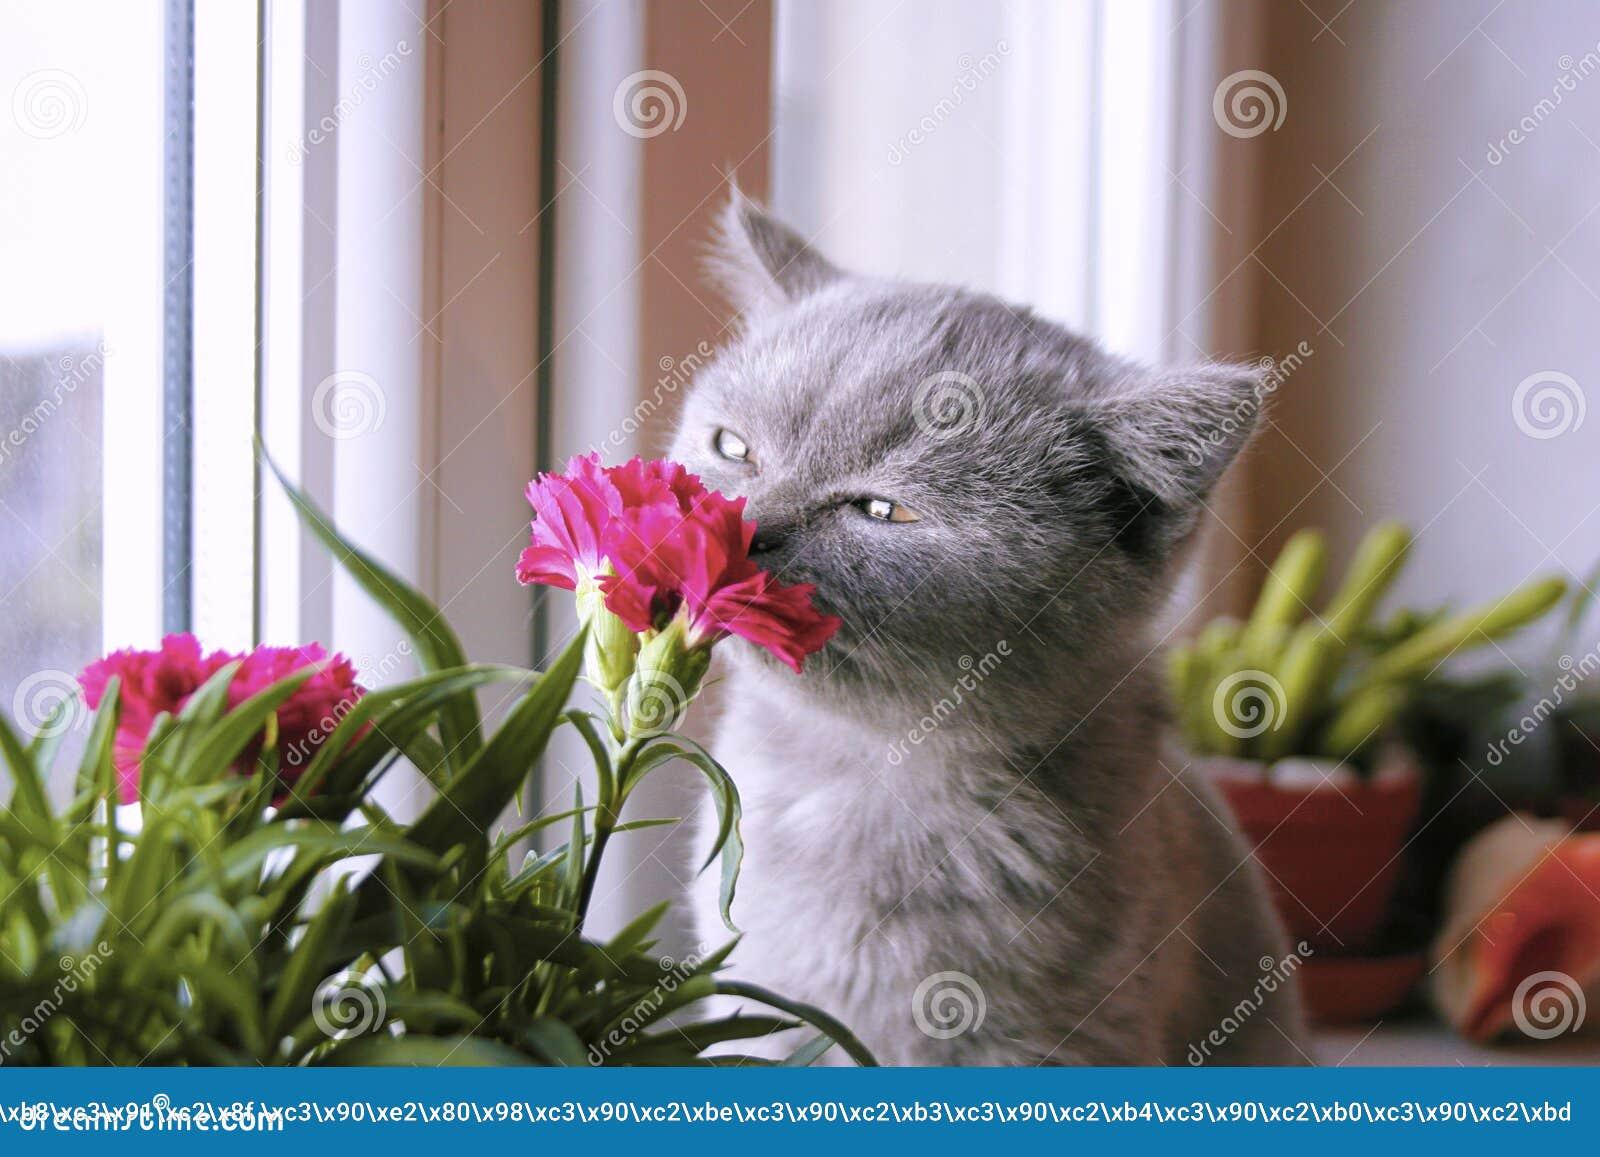 Λίγο γκρίζο γατάκι θαυμάζει το λουλούδι